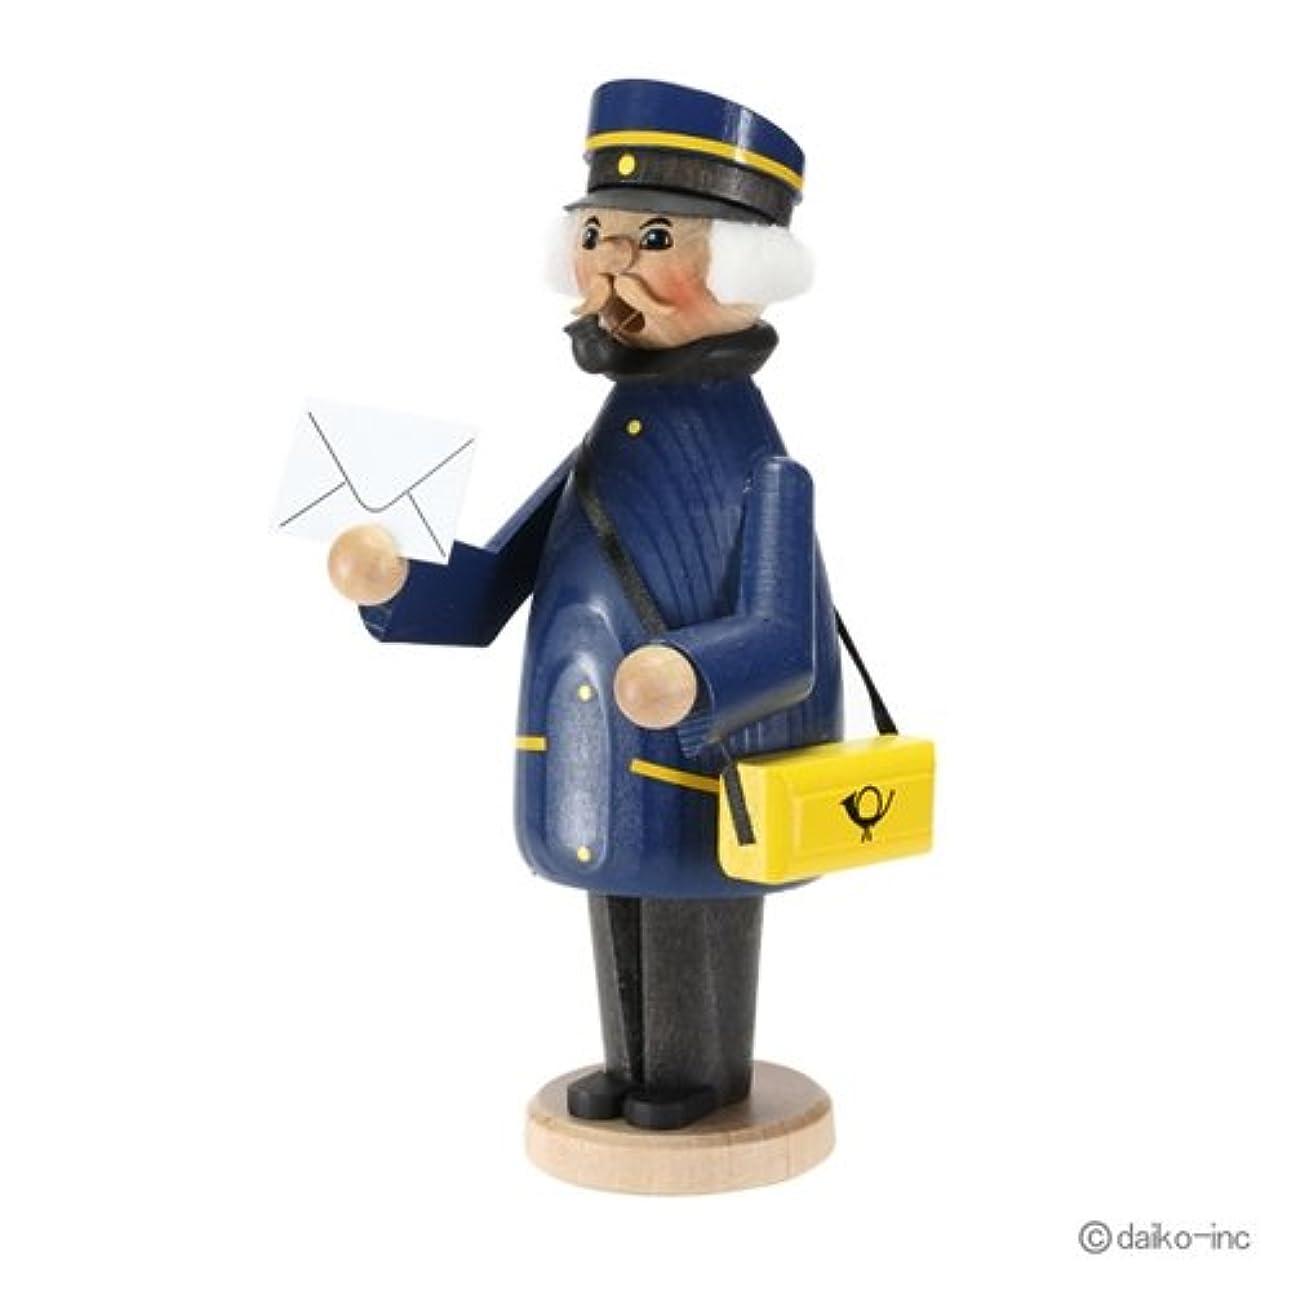 ベルデジタルに話すクーネルト kuhnert ミニパイプ人形香炉 郵便配達員